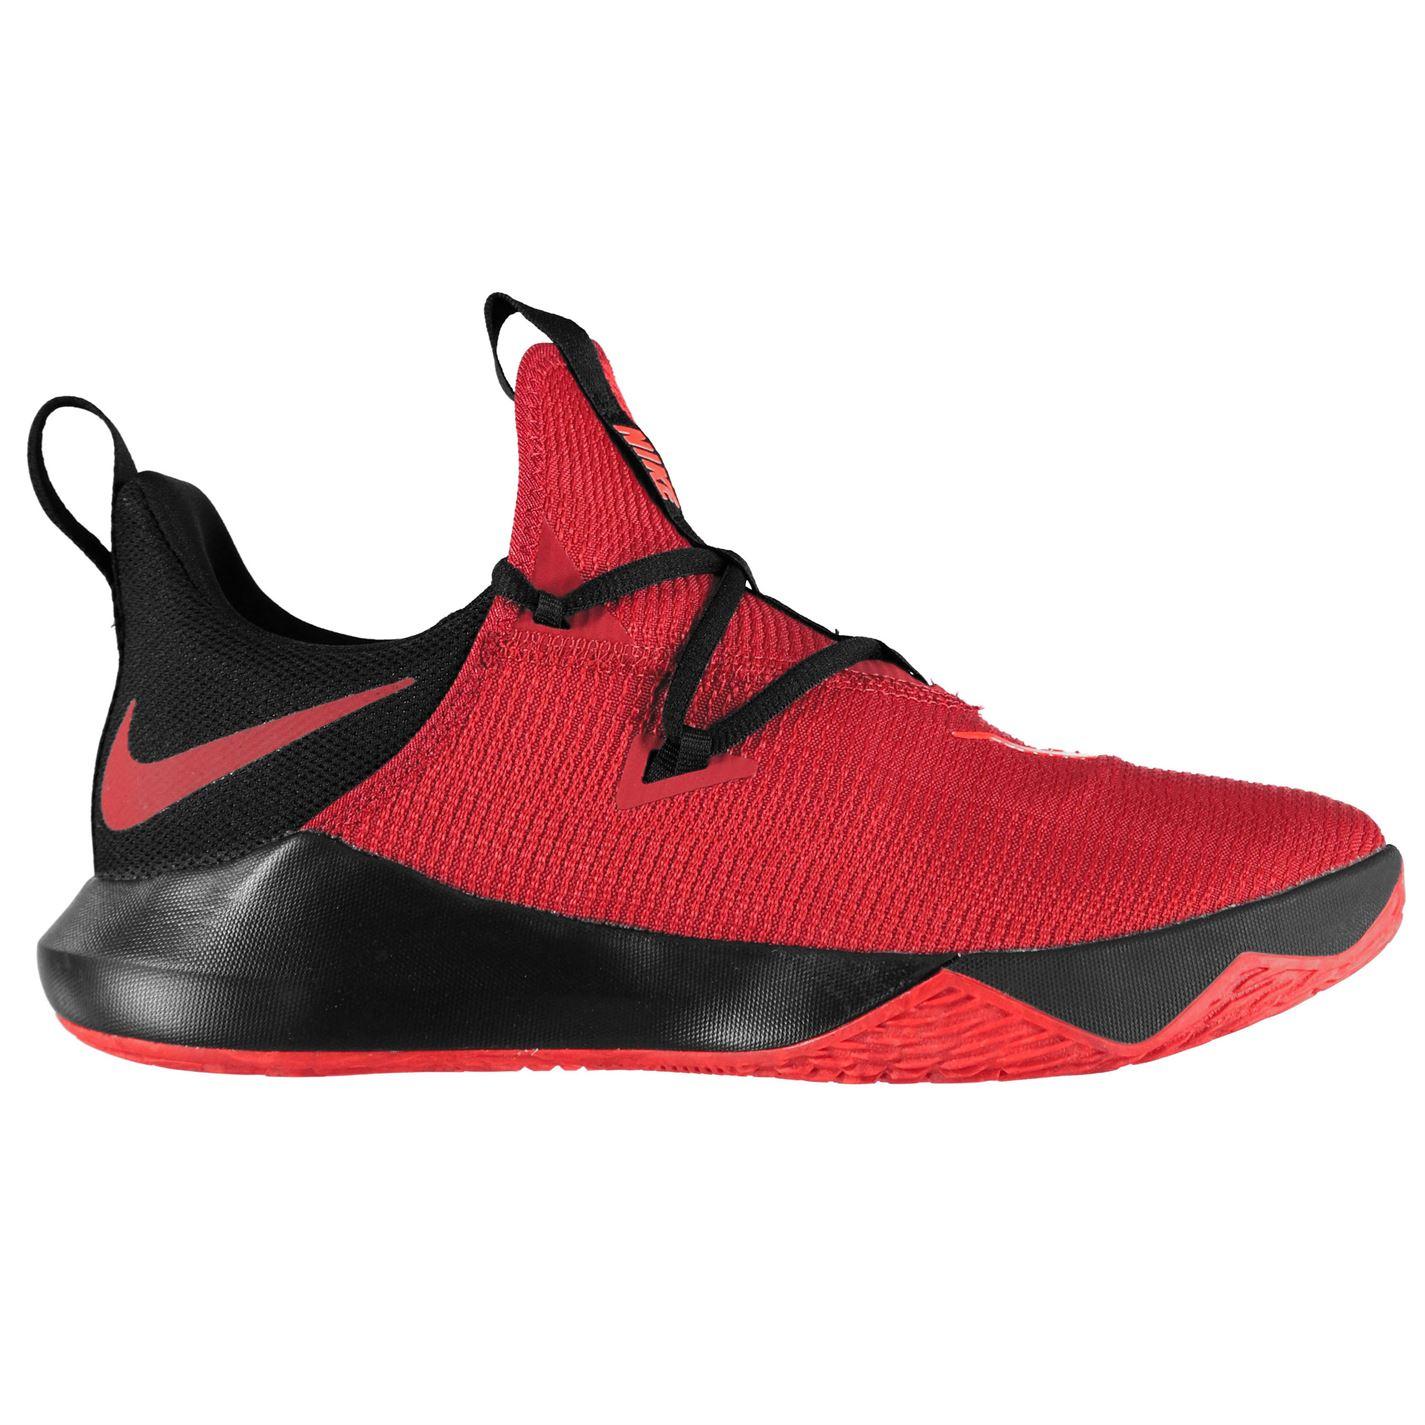 basketbalové boty boty Nike Zoom Shift 2 pánske